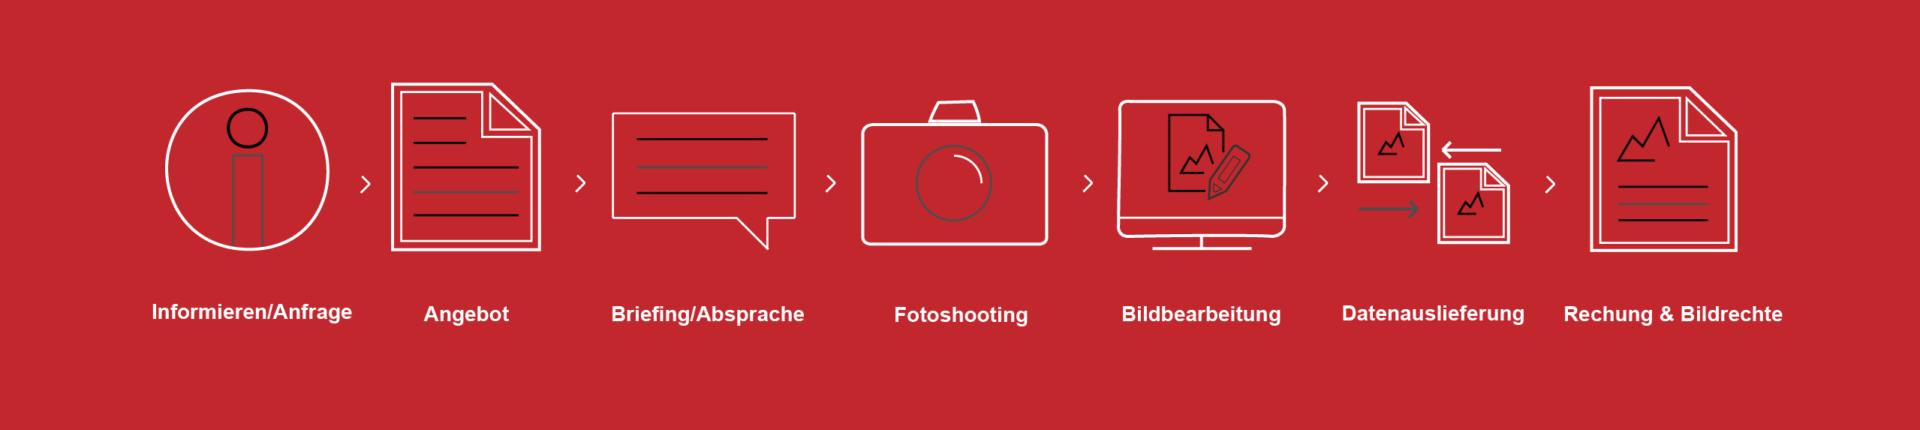 Ablauf: Anfrage -> Angebot -> Briefing -> Fotoshooting -> Bildbearbeitung -> Datenauslieferung -> Rechnung und Bildrechte